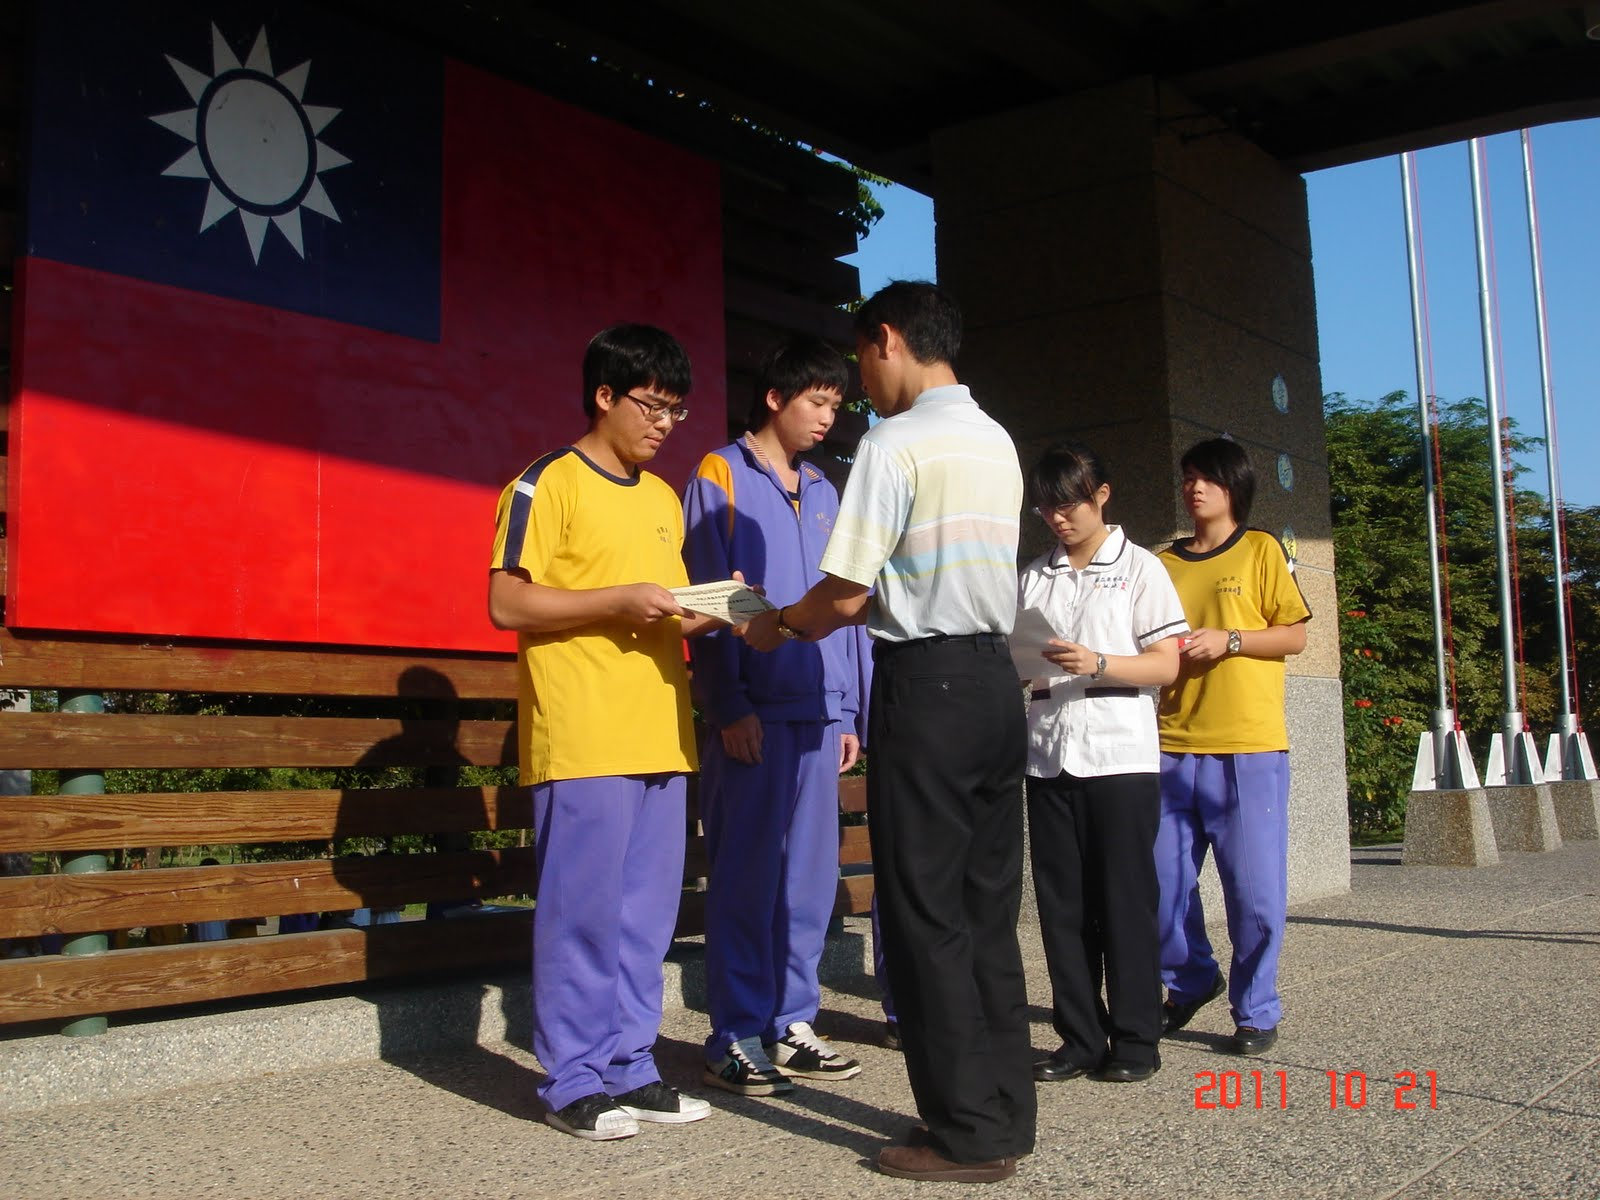 臺中市立東勢高工E2C發展方案: 2011全國高中職氫能車大賽-第一名